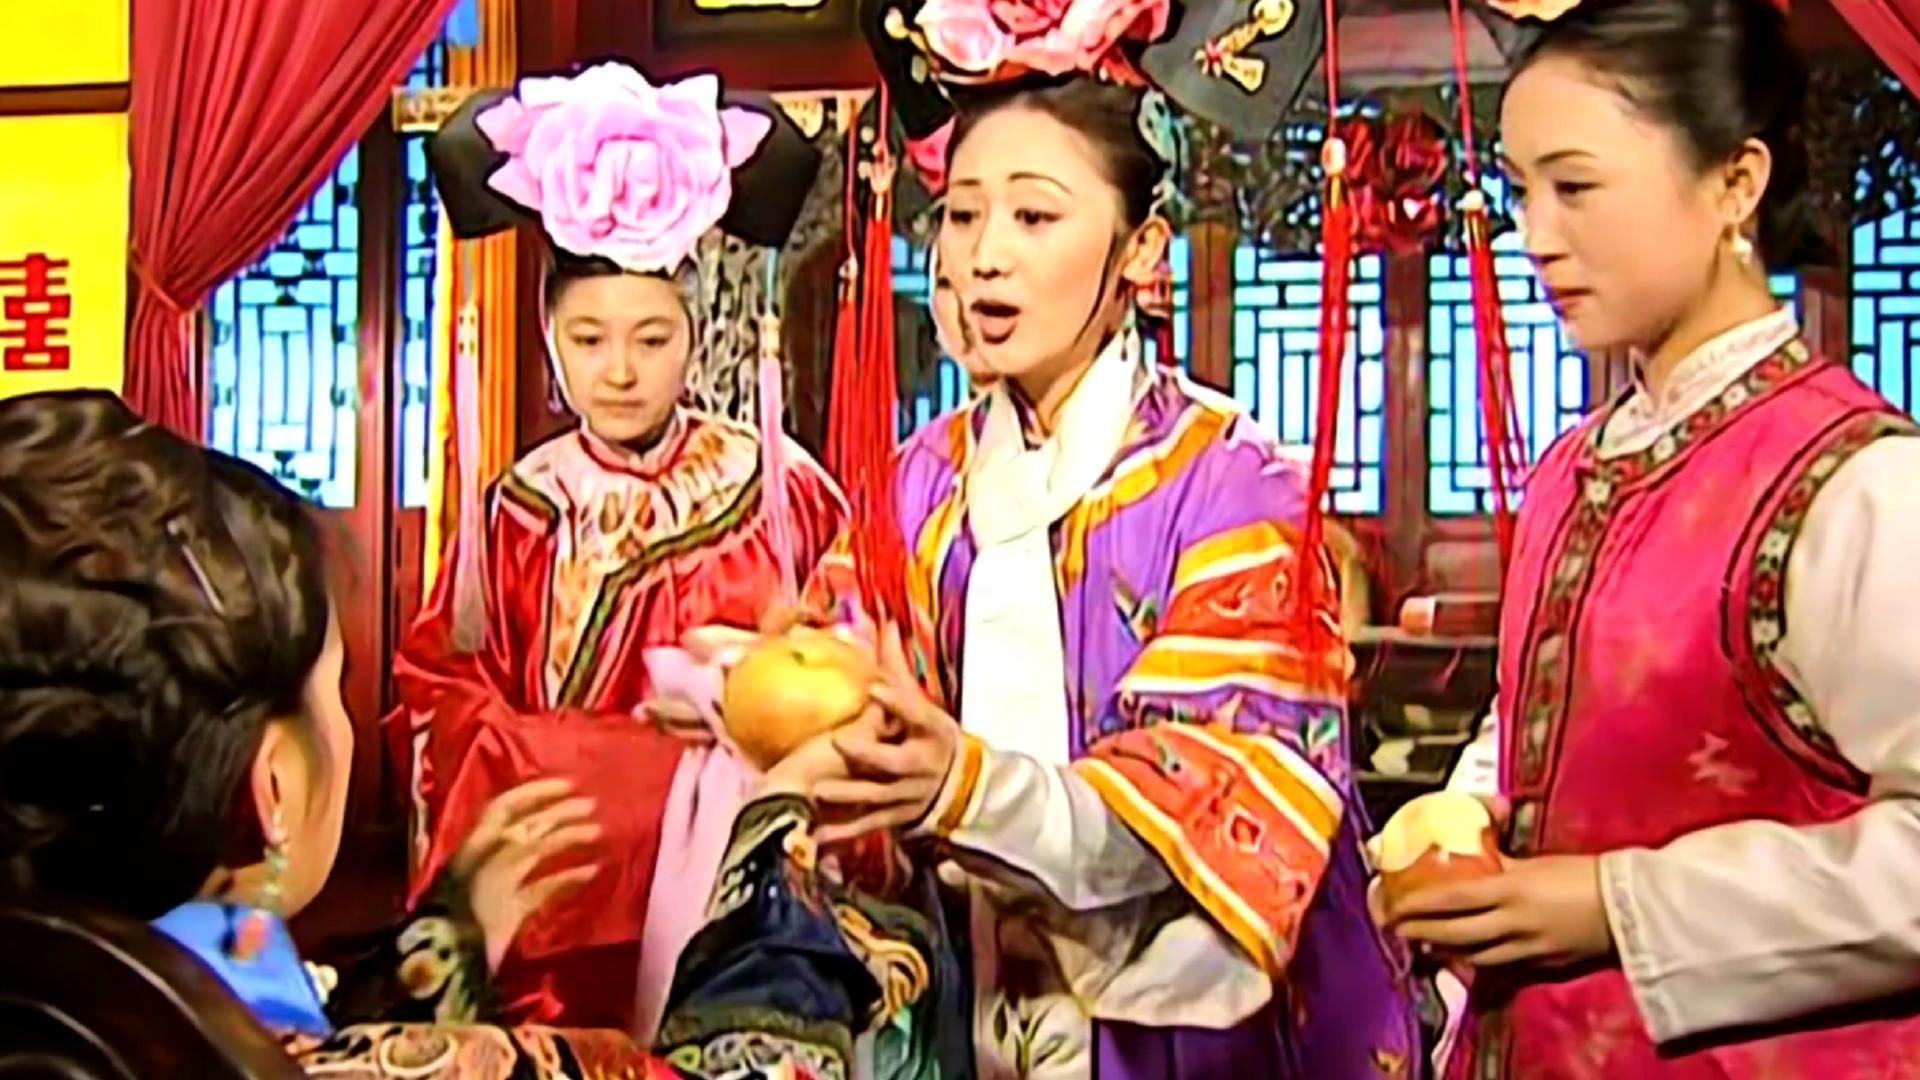 小燕子紫薇同时成亲,谁注意到令妃送苹果的顺序?地位差距太大